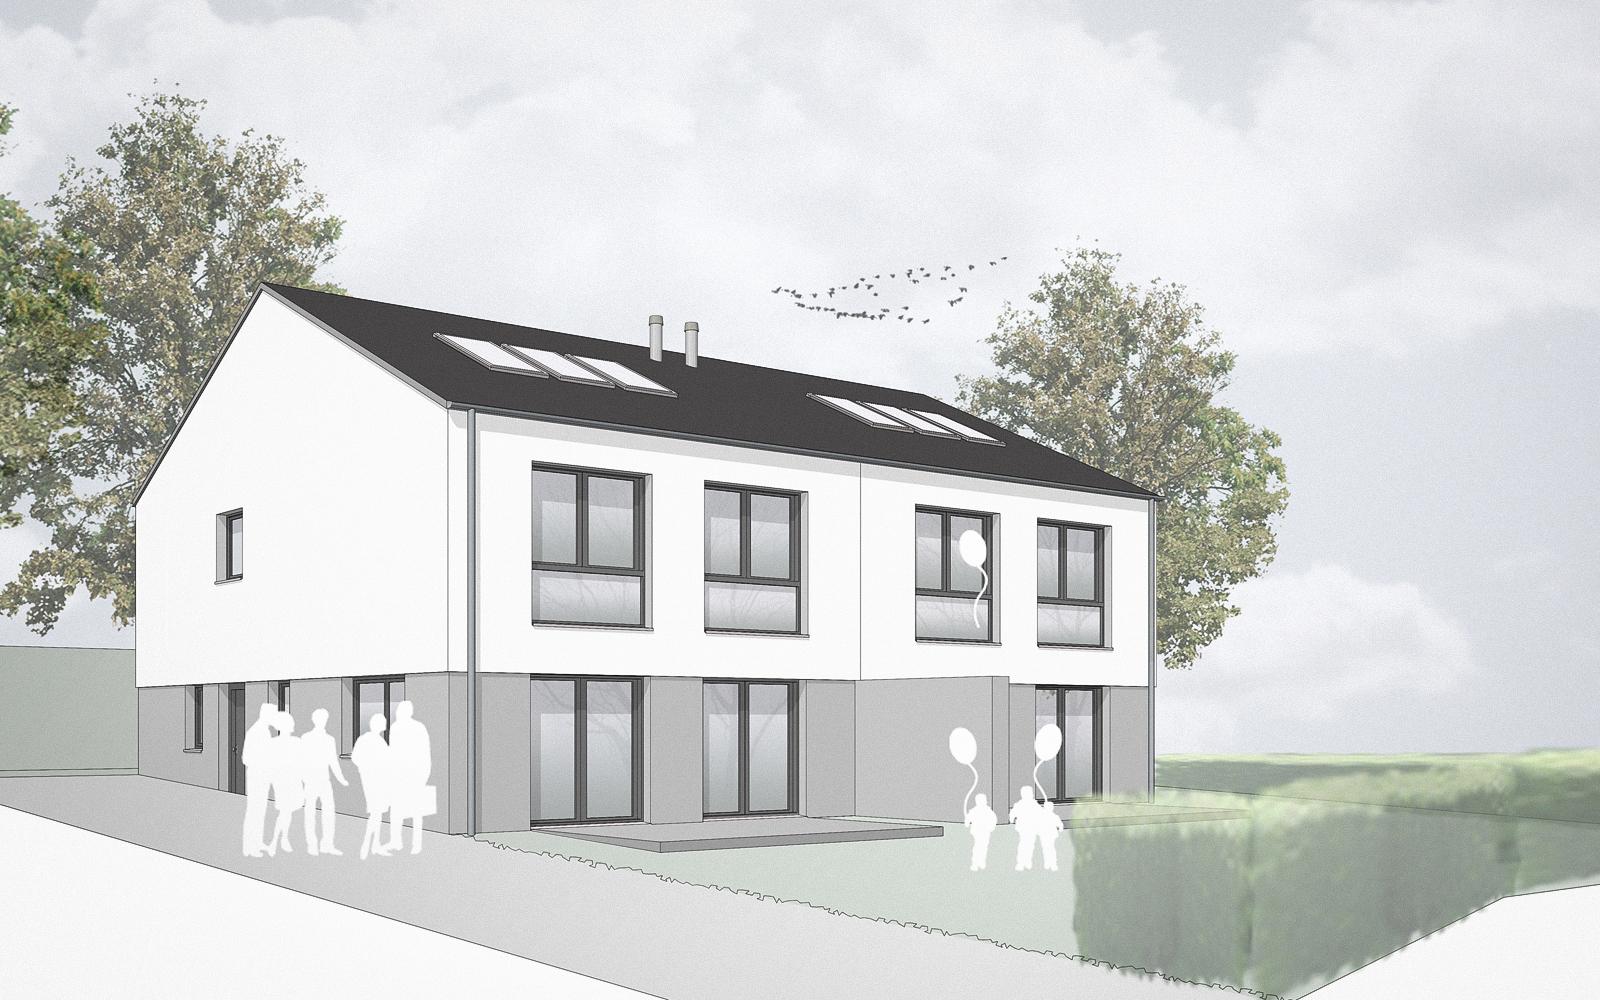 GGS_SteinwegClausArchitekten_Doppelhaus_Beckum_WDVS_00003_Perspektive